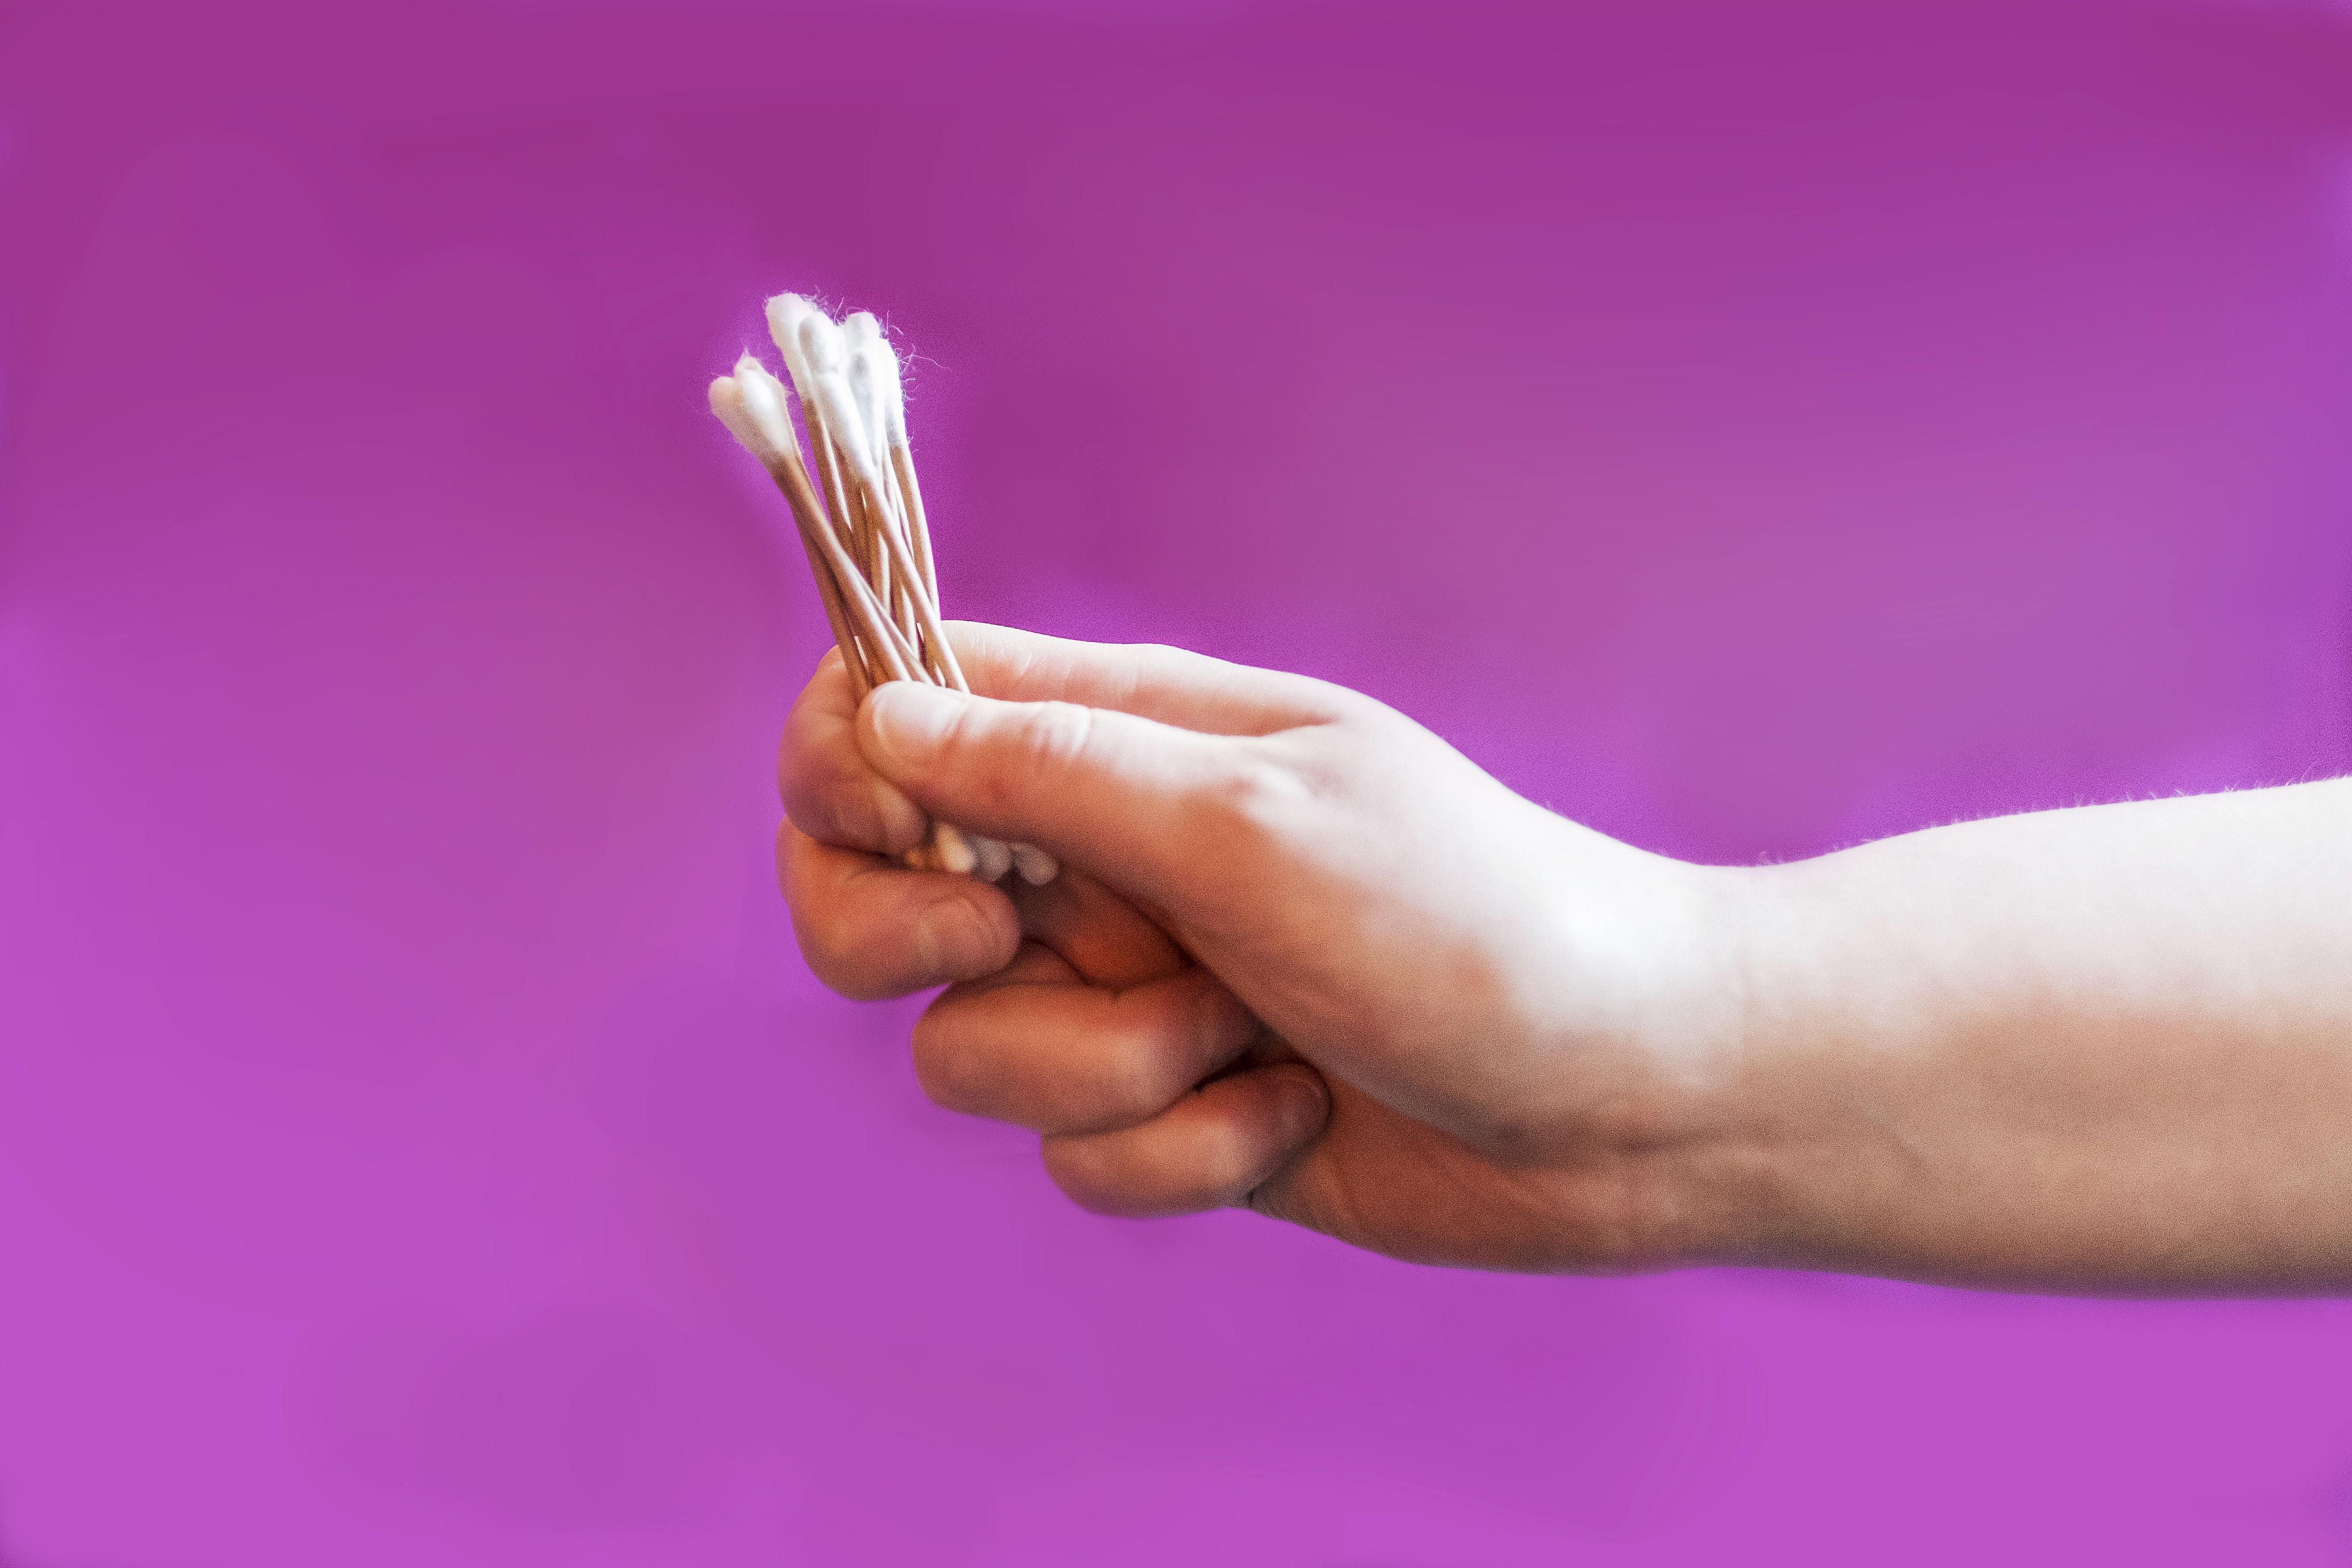 Het zoontje van Lotte eet dingen die normaal gesproken niet door mensen worden gegeten. Maar spaghetti, dat voelt zo raar in je mond ....